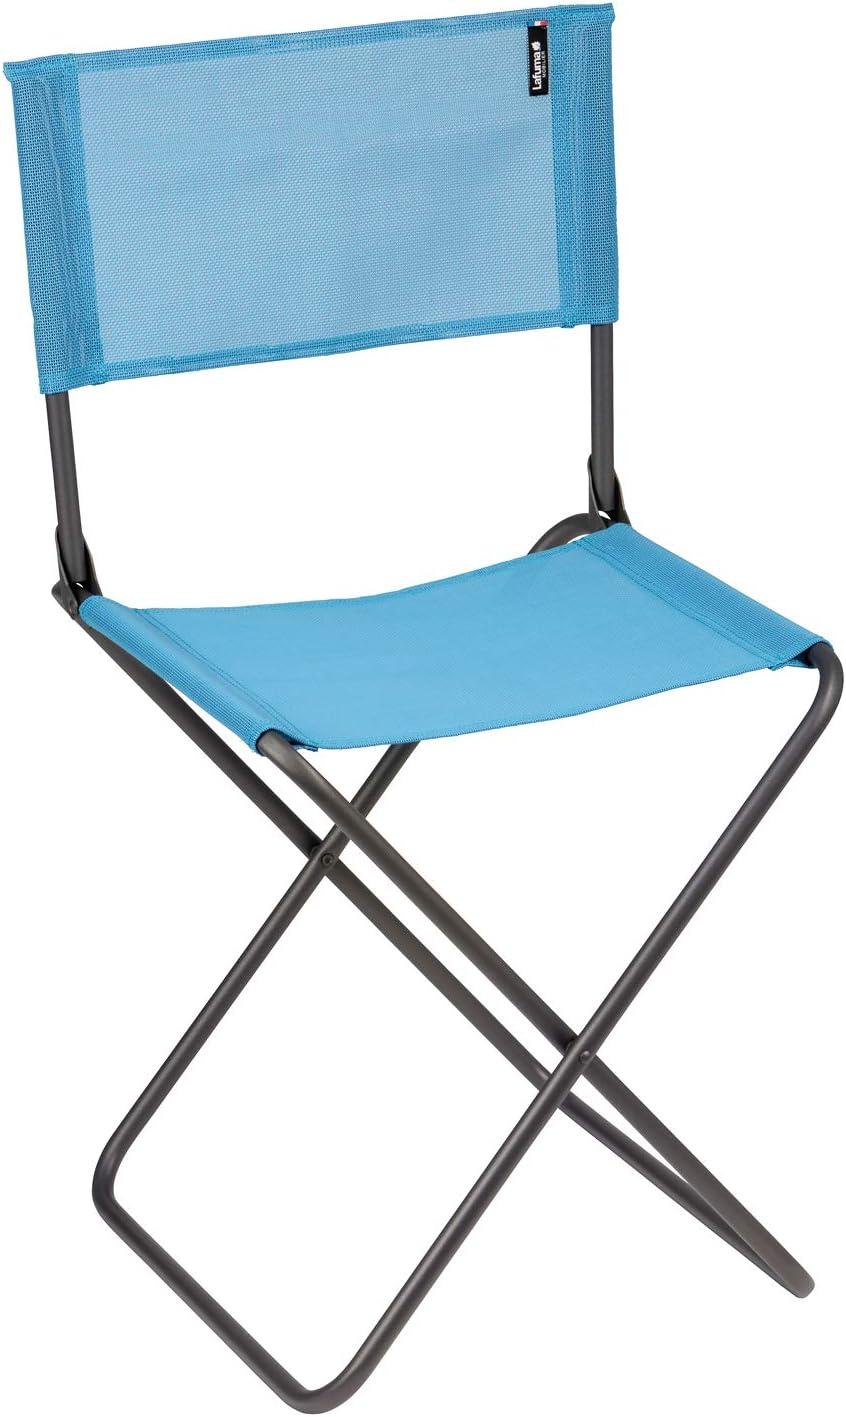 Lafuma Silla plegable de camping, compacta, CNO, Texplast, Color: Azul, LFM2834 8546